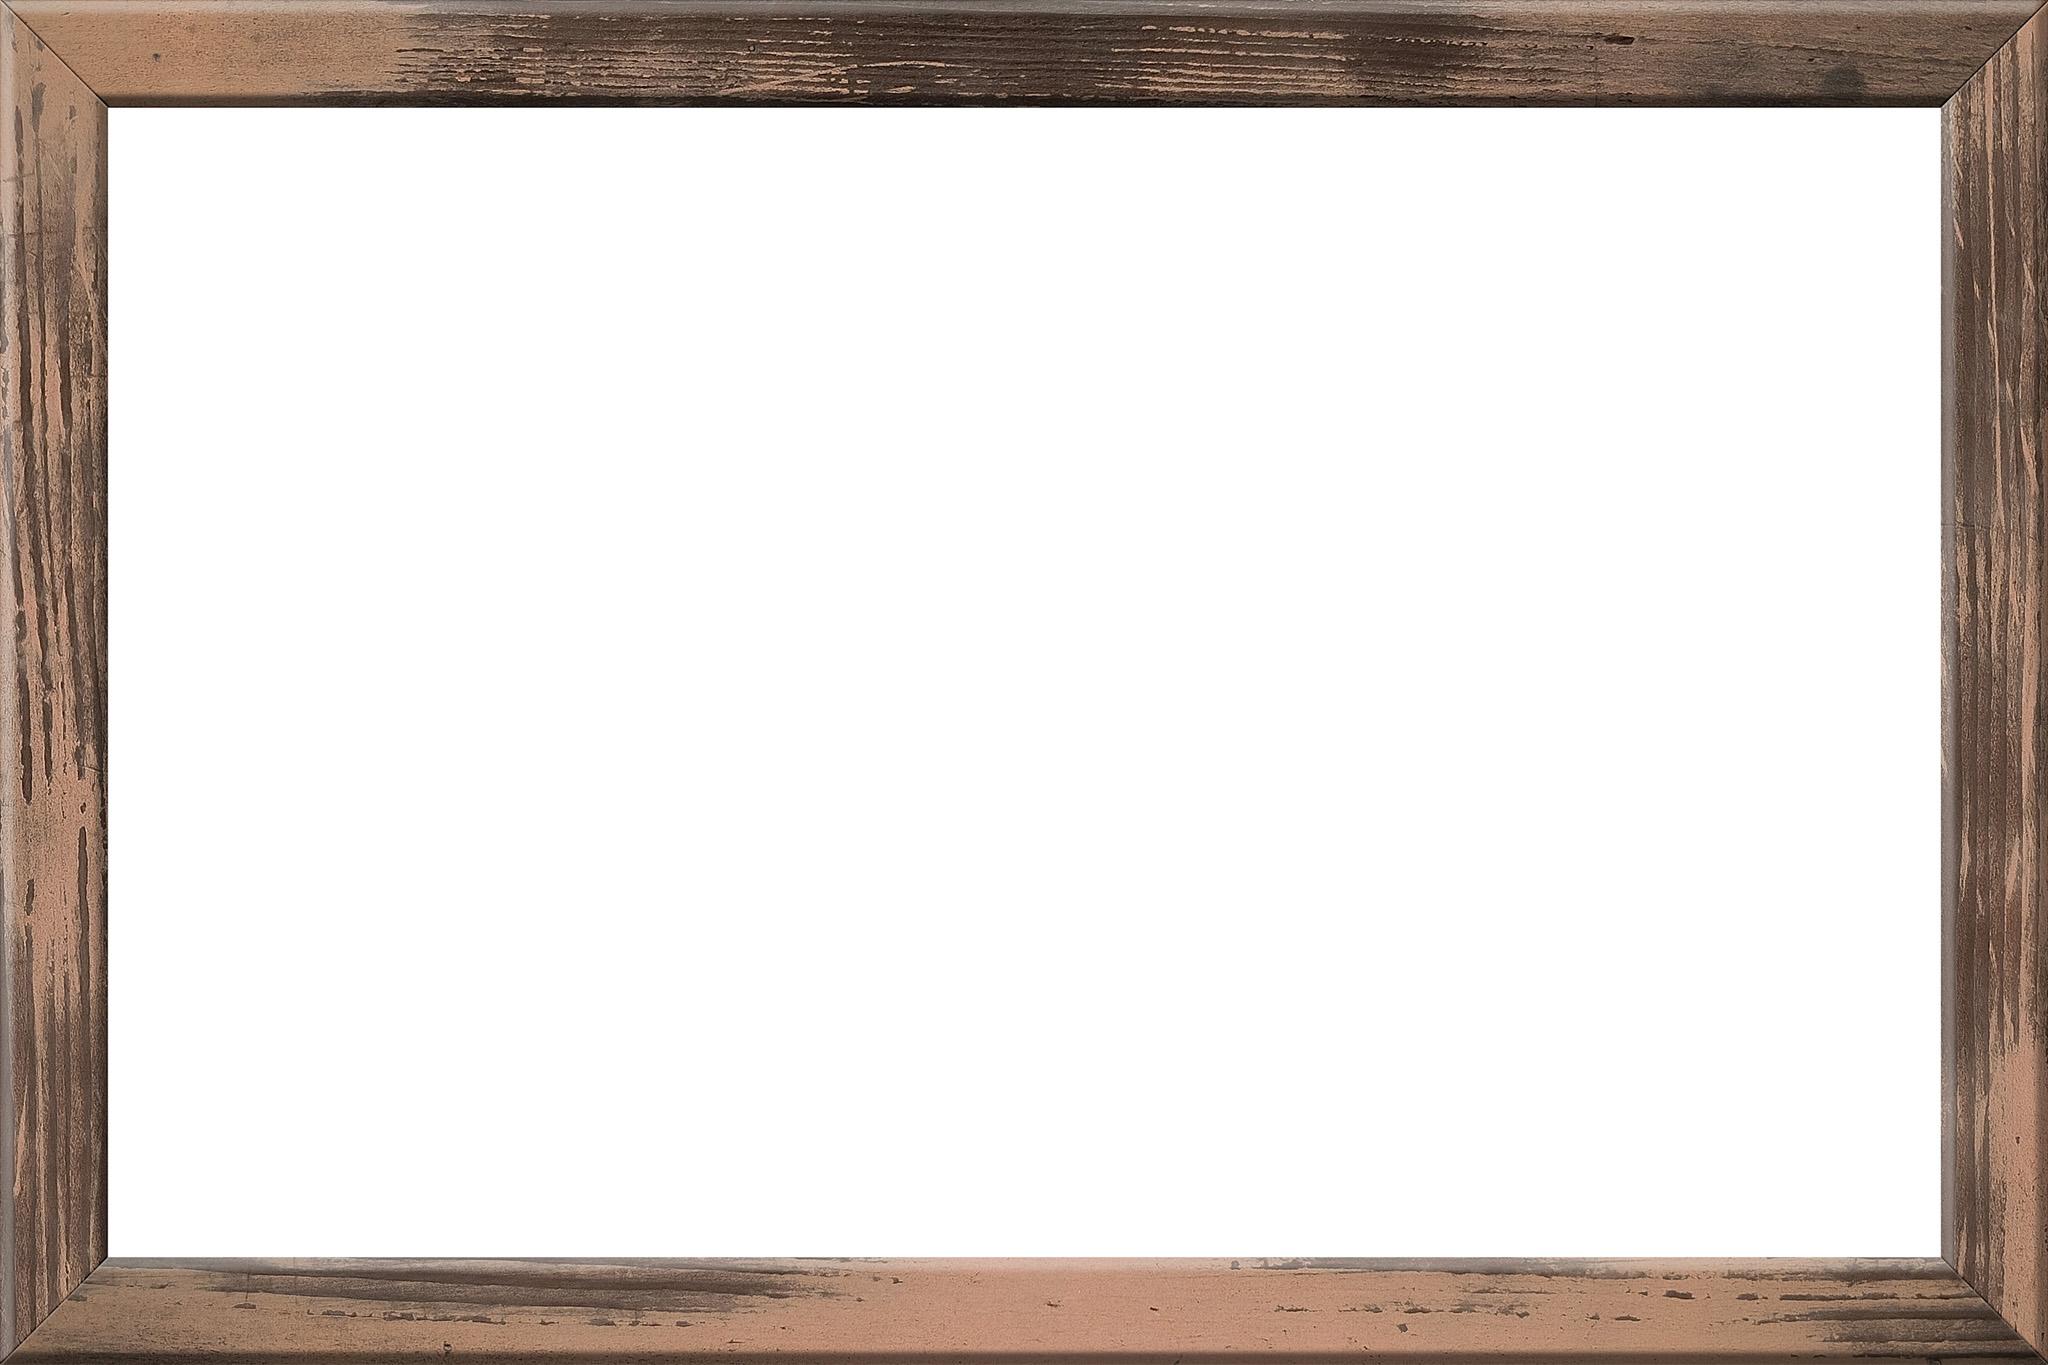 「古いカントリー調の額縁」の画像を無料ダウンロード